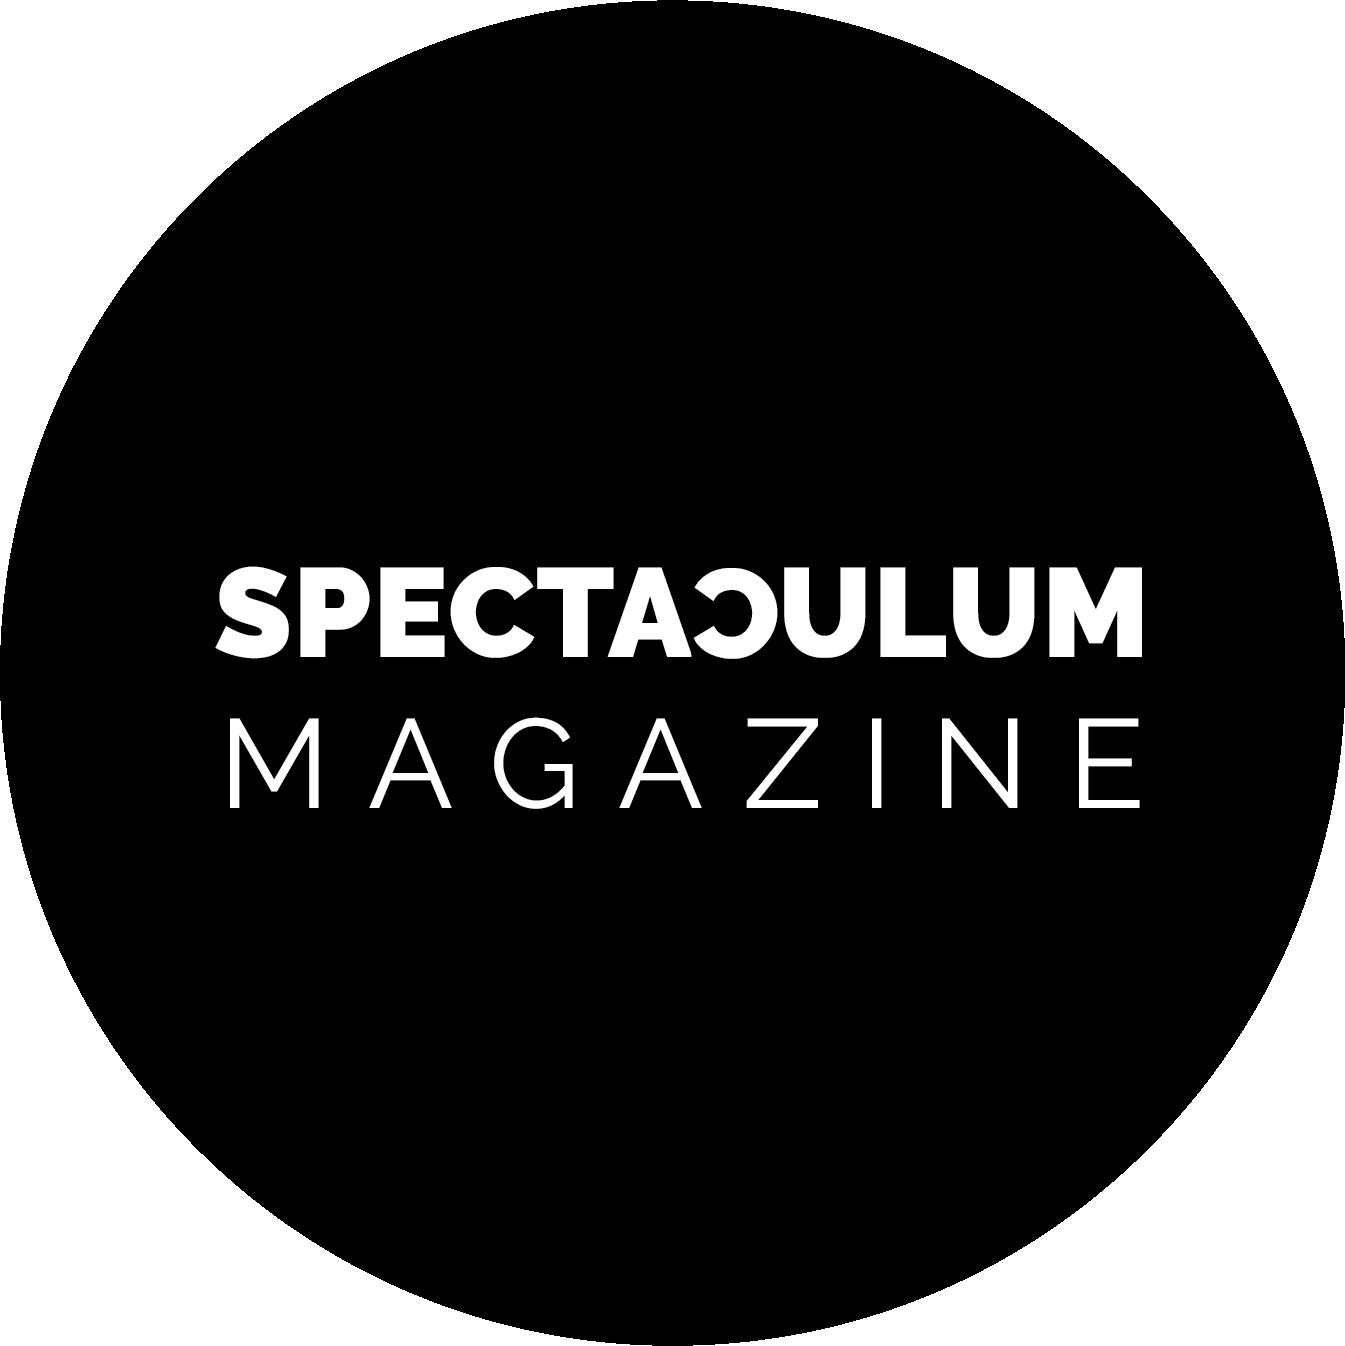 Spectaculum Magazine Logo